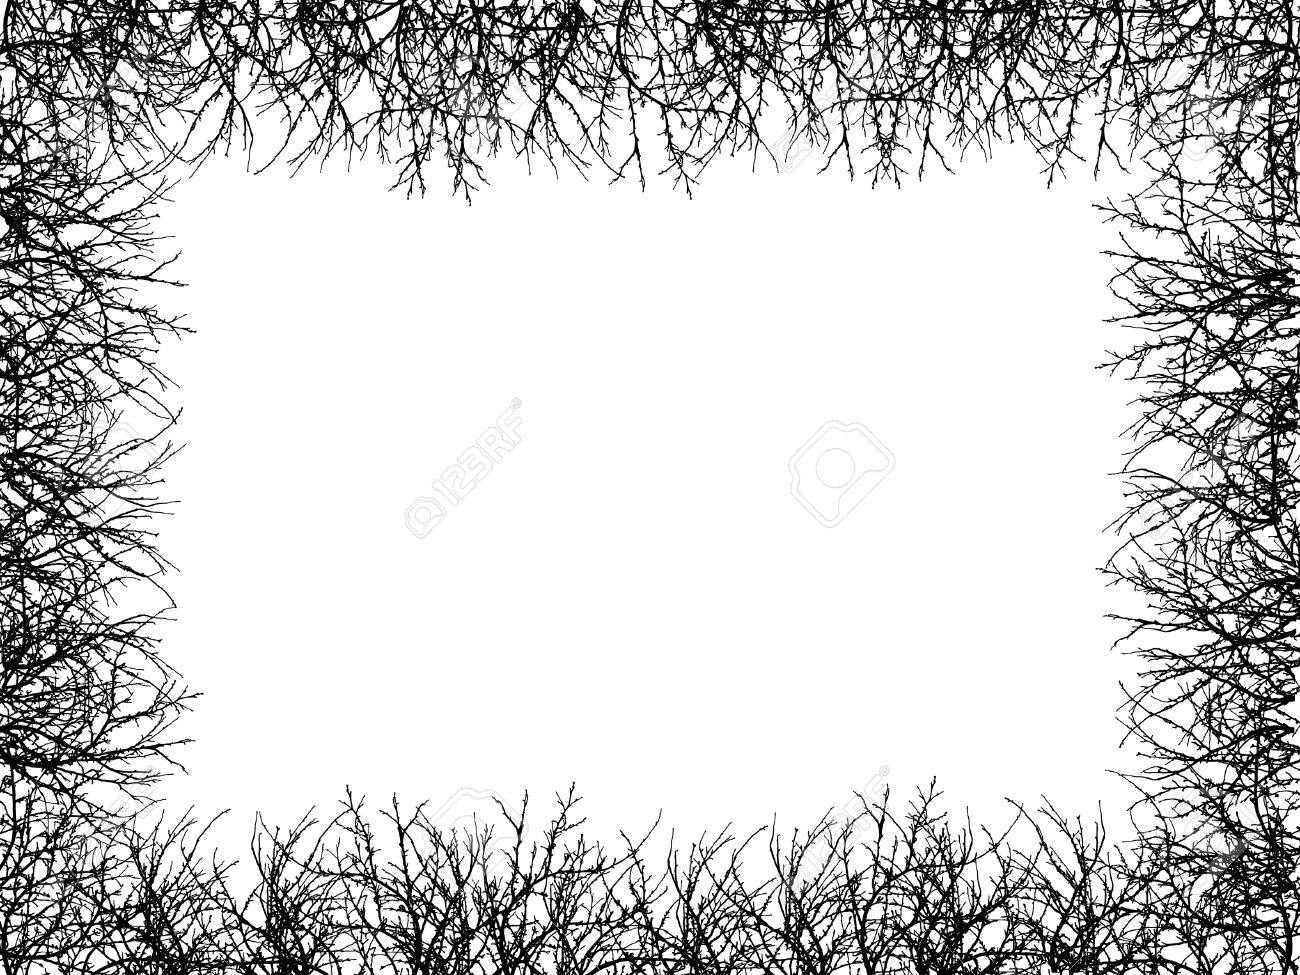 white background with black border sasolo annafora co